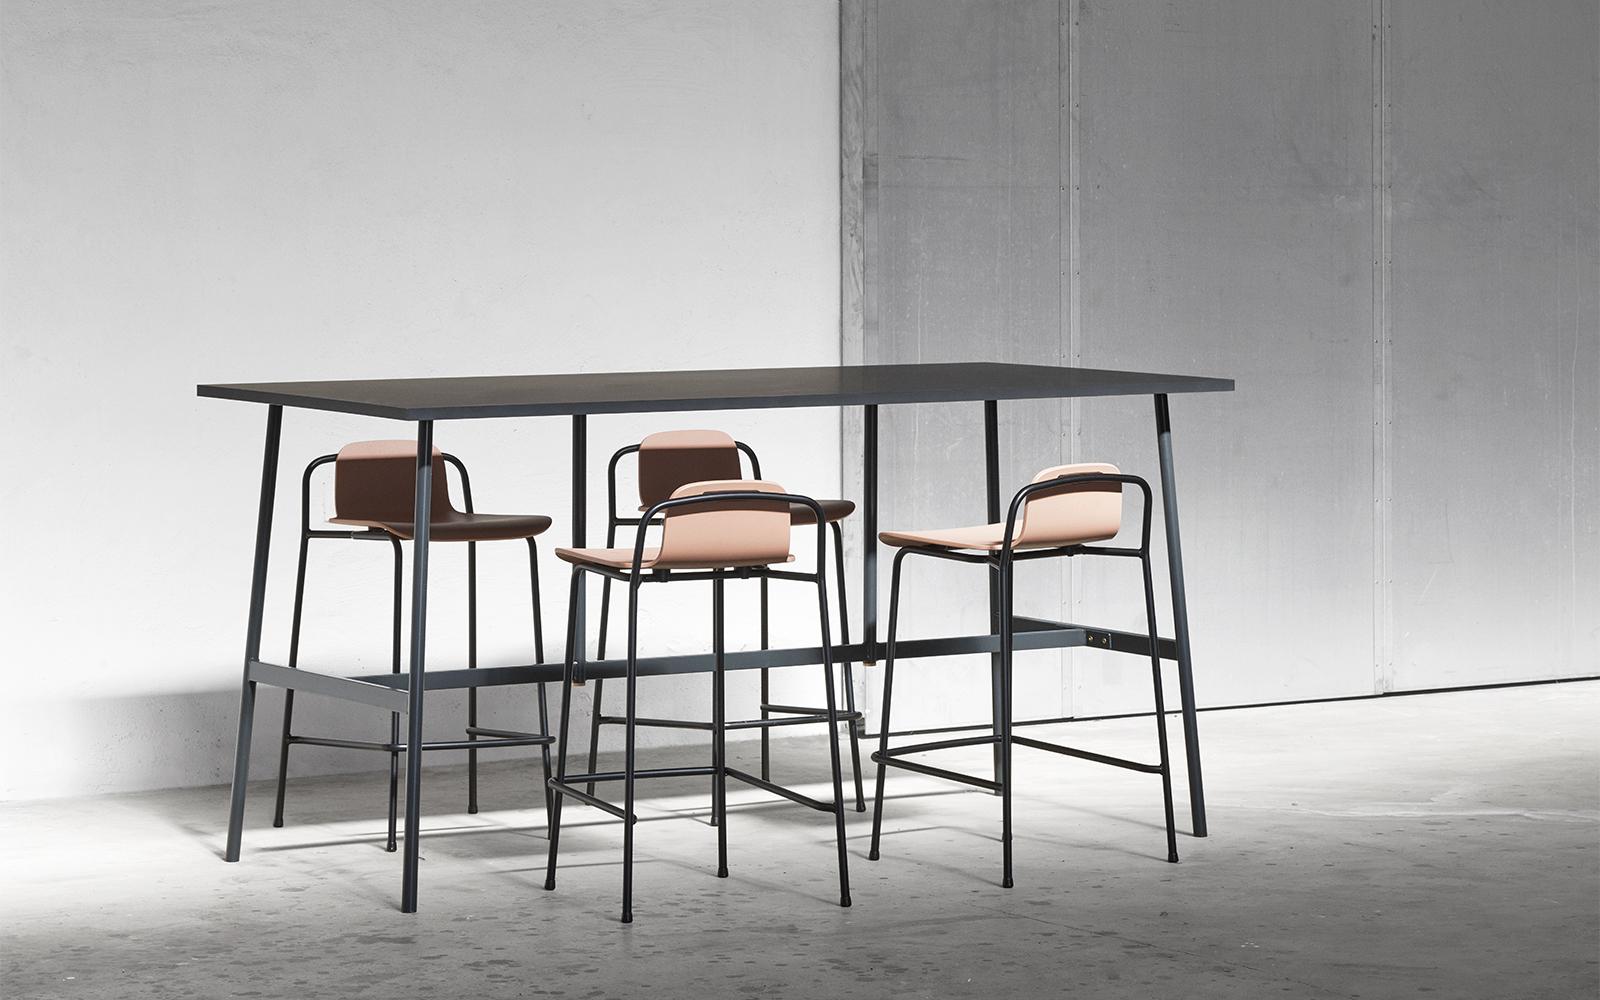 stoel-armchair-normann-ENNAIR